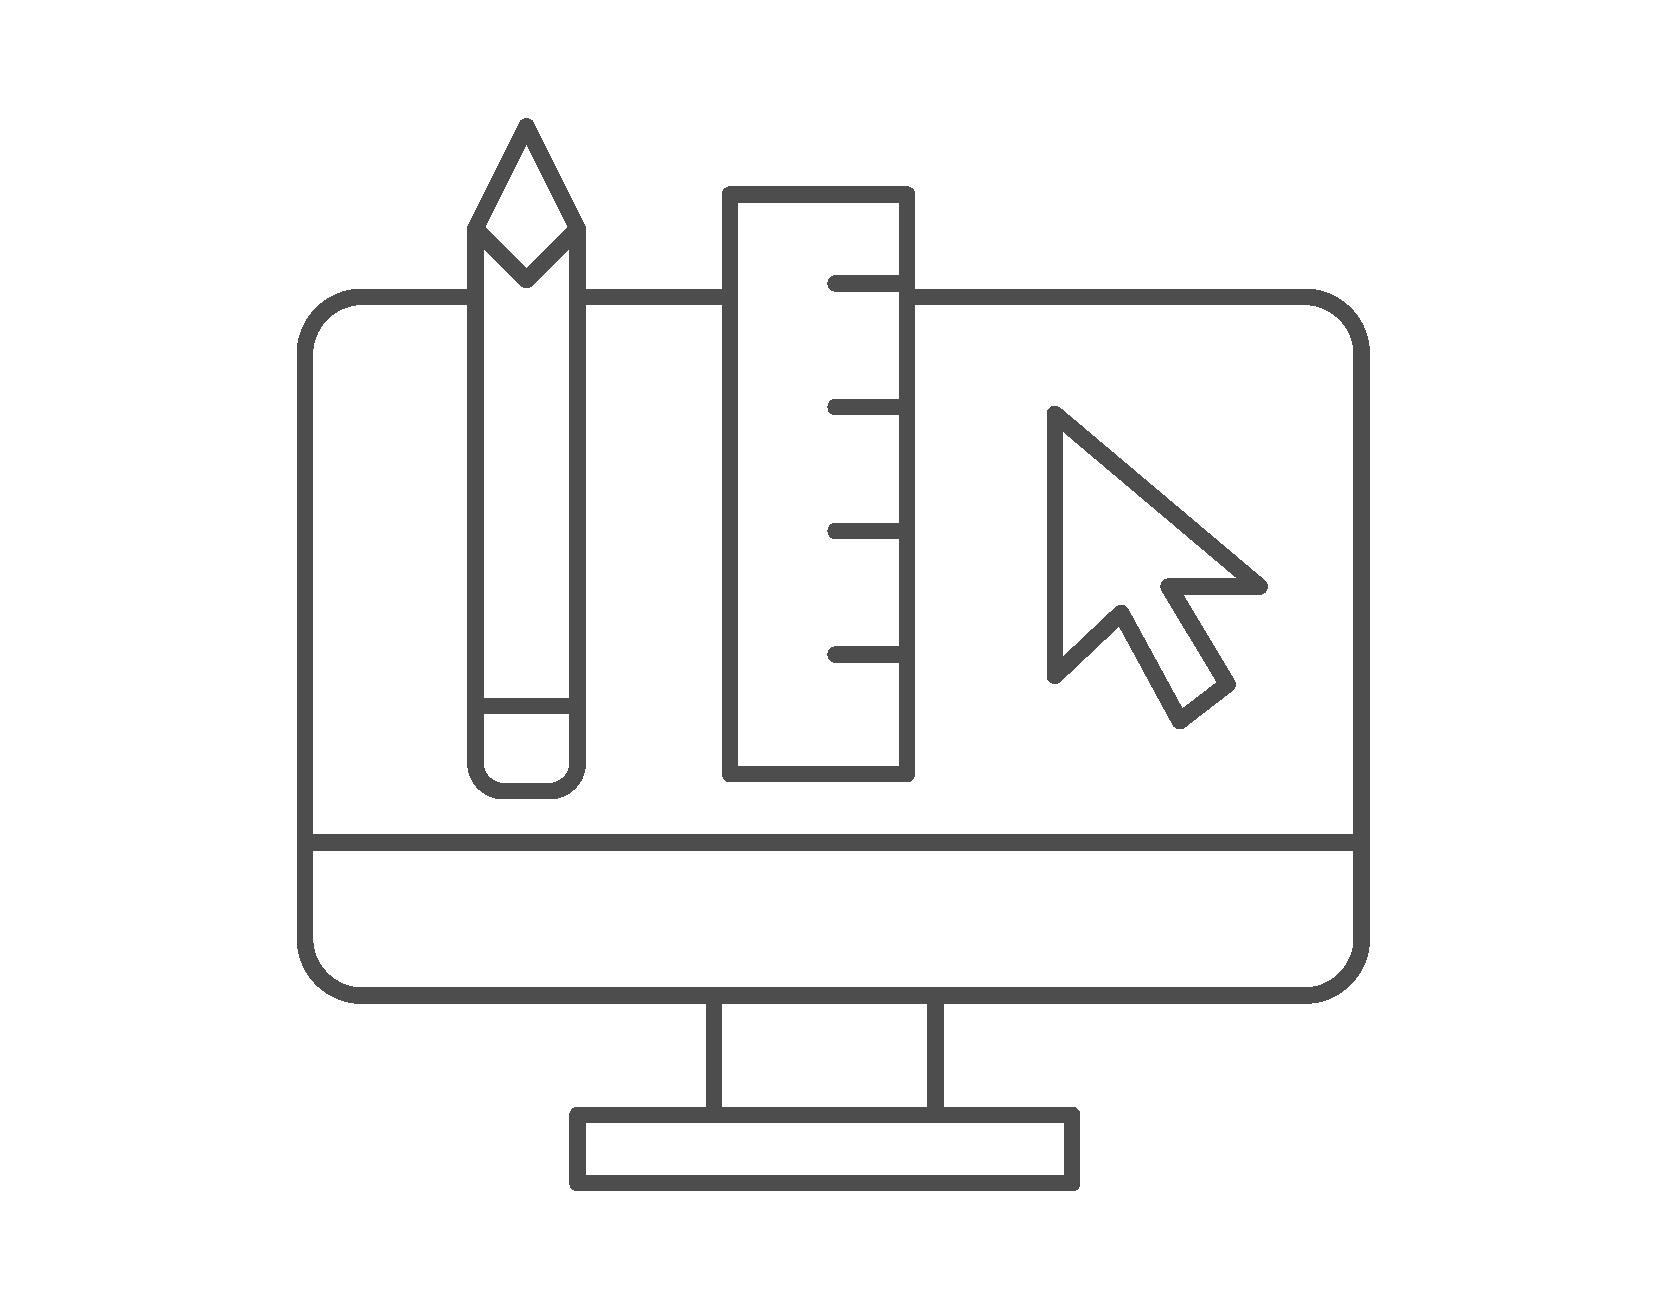 Design / Assets / Production